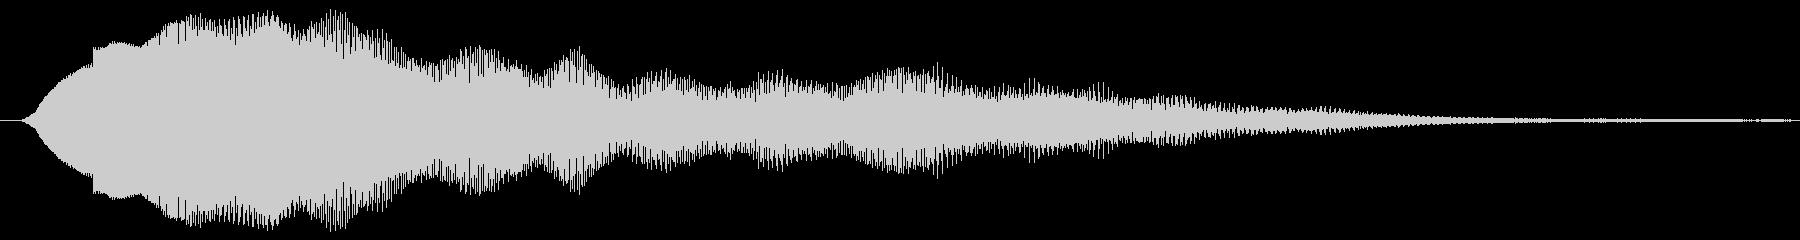 鋭い リンギングブリッター13の未再生の波形